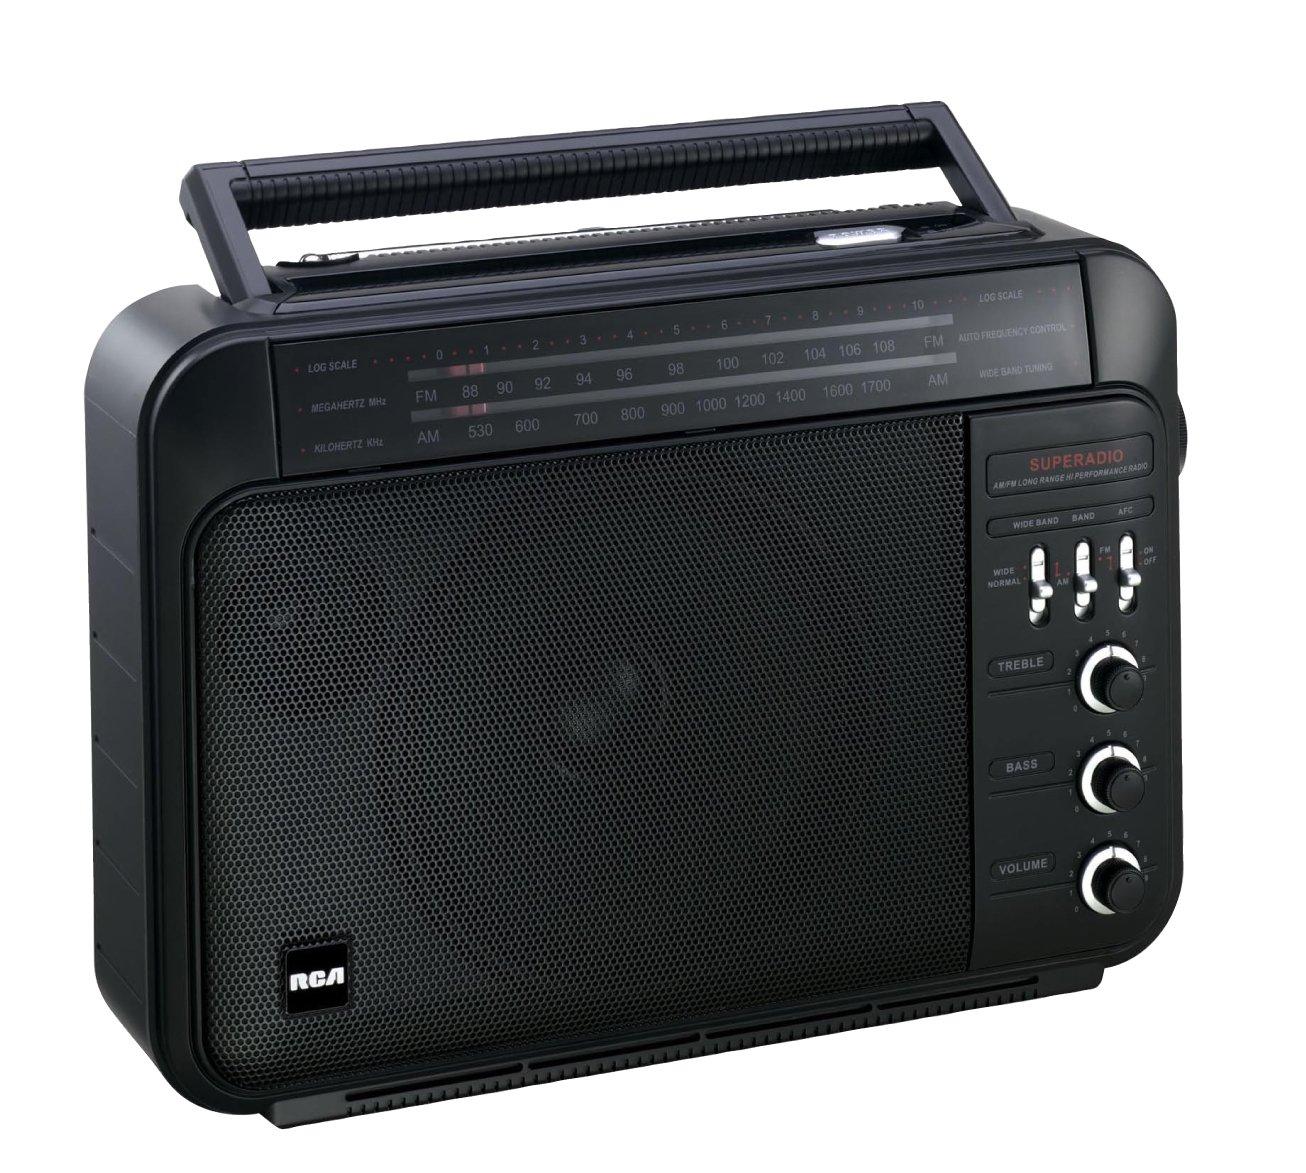 RCA RP7887 Super Radio 3